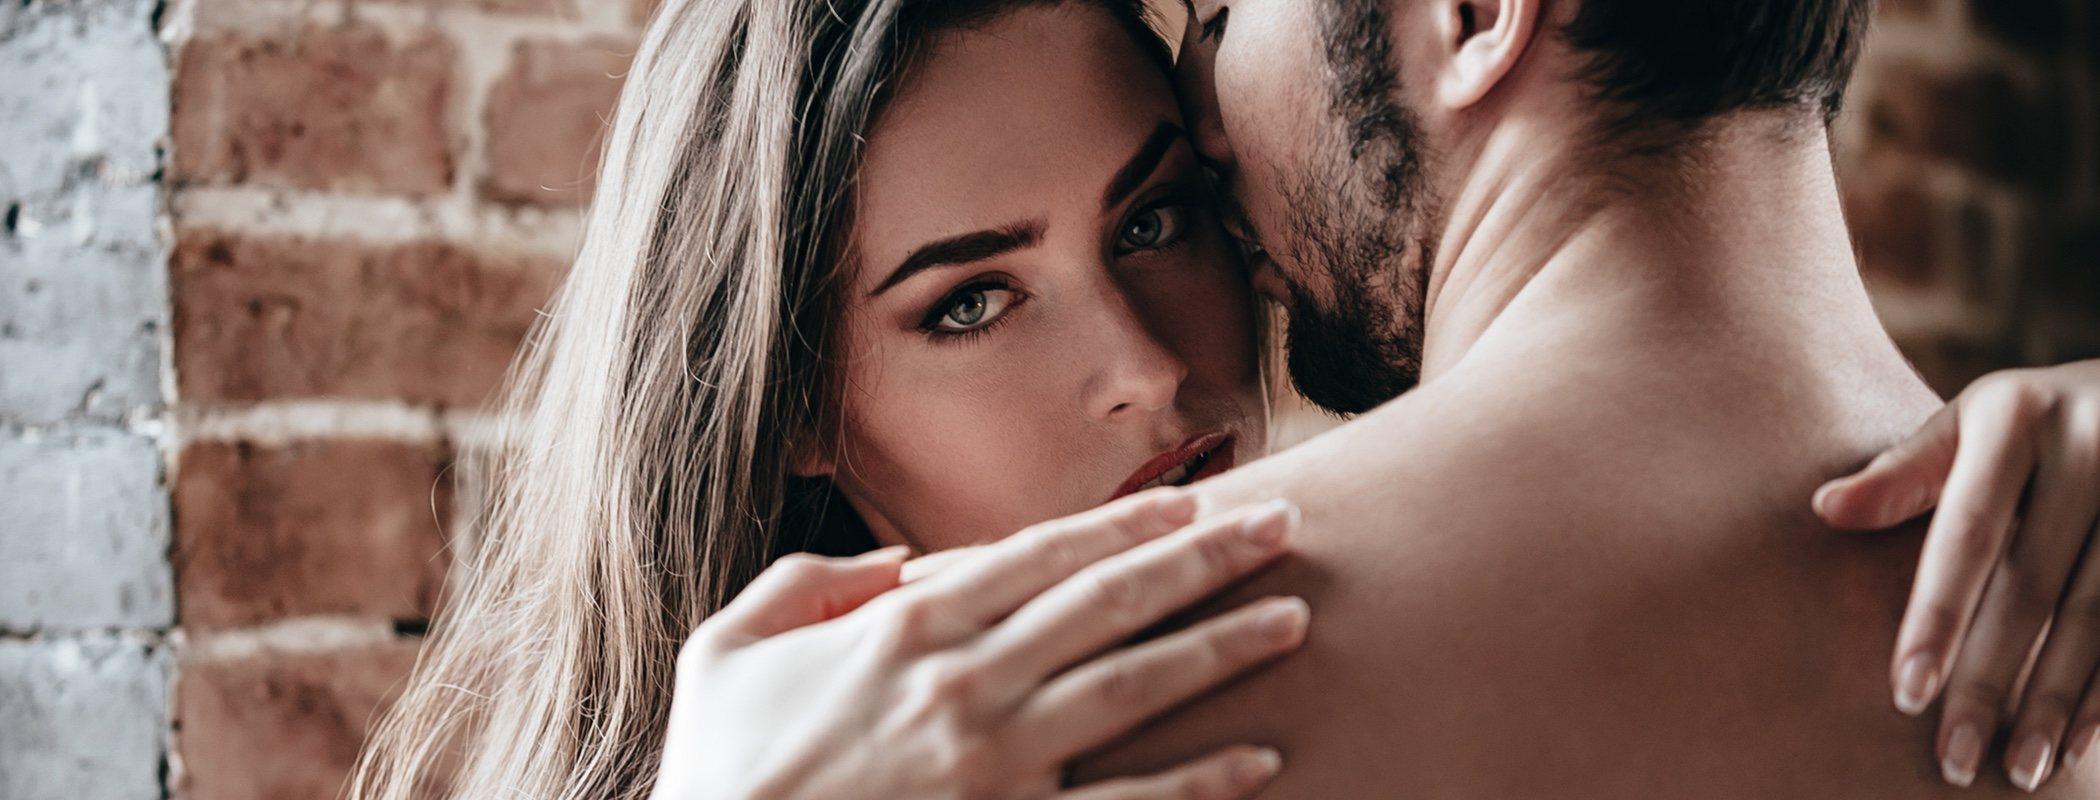 Lo que las filias sexuales dicen de cada persona